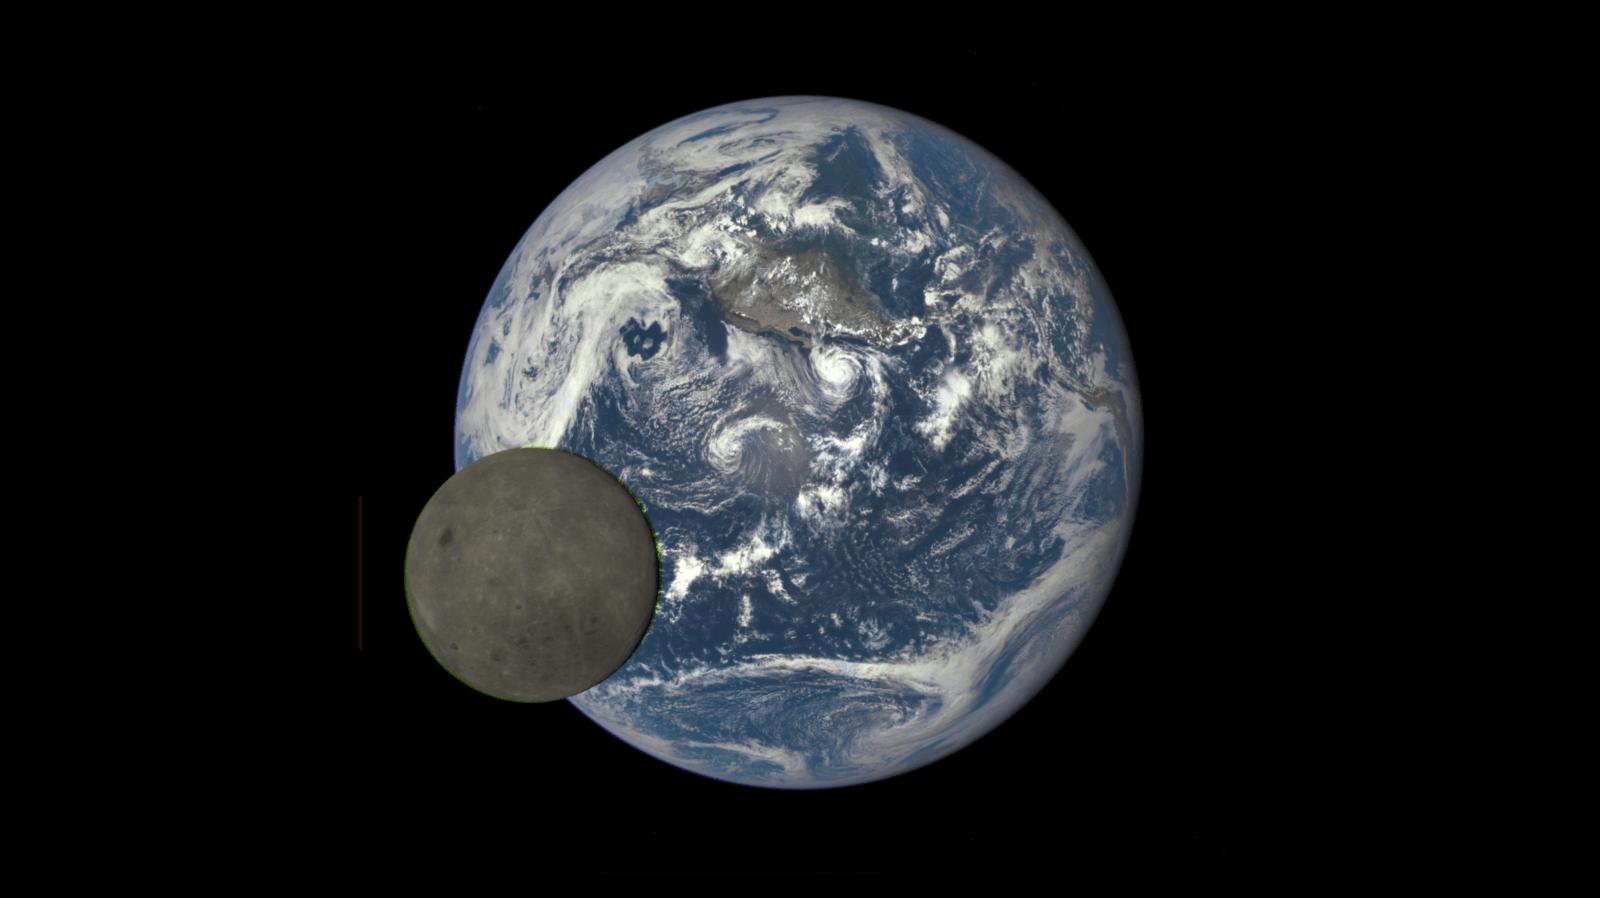 Луна - естественный спутник Земли. Фотографии и интересные факты